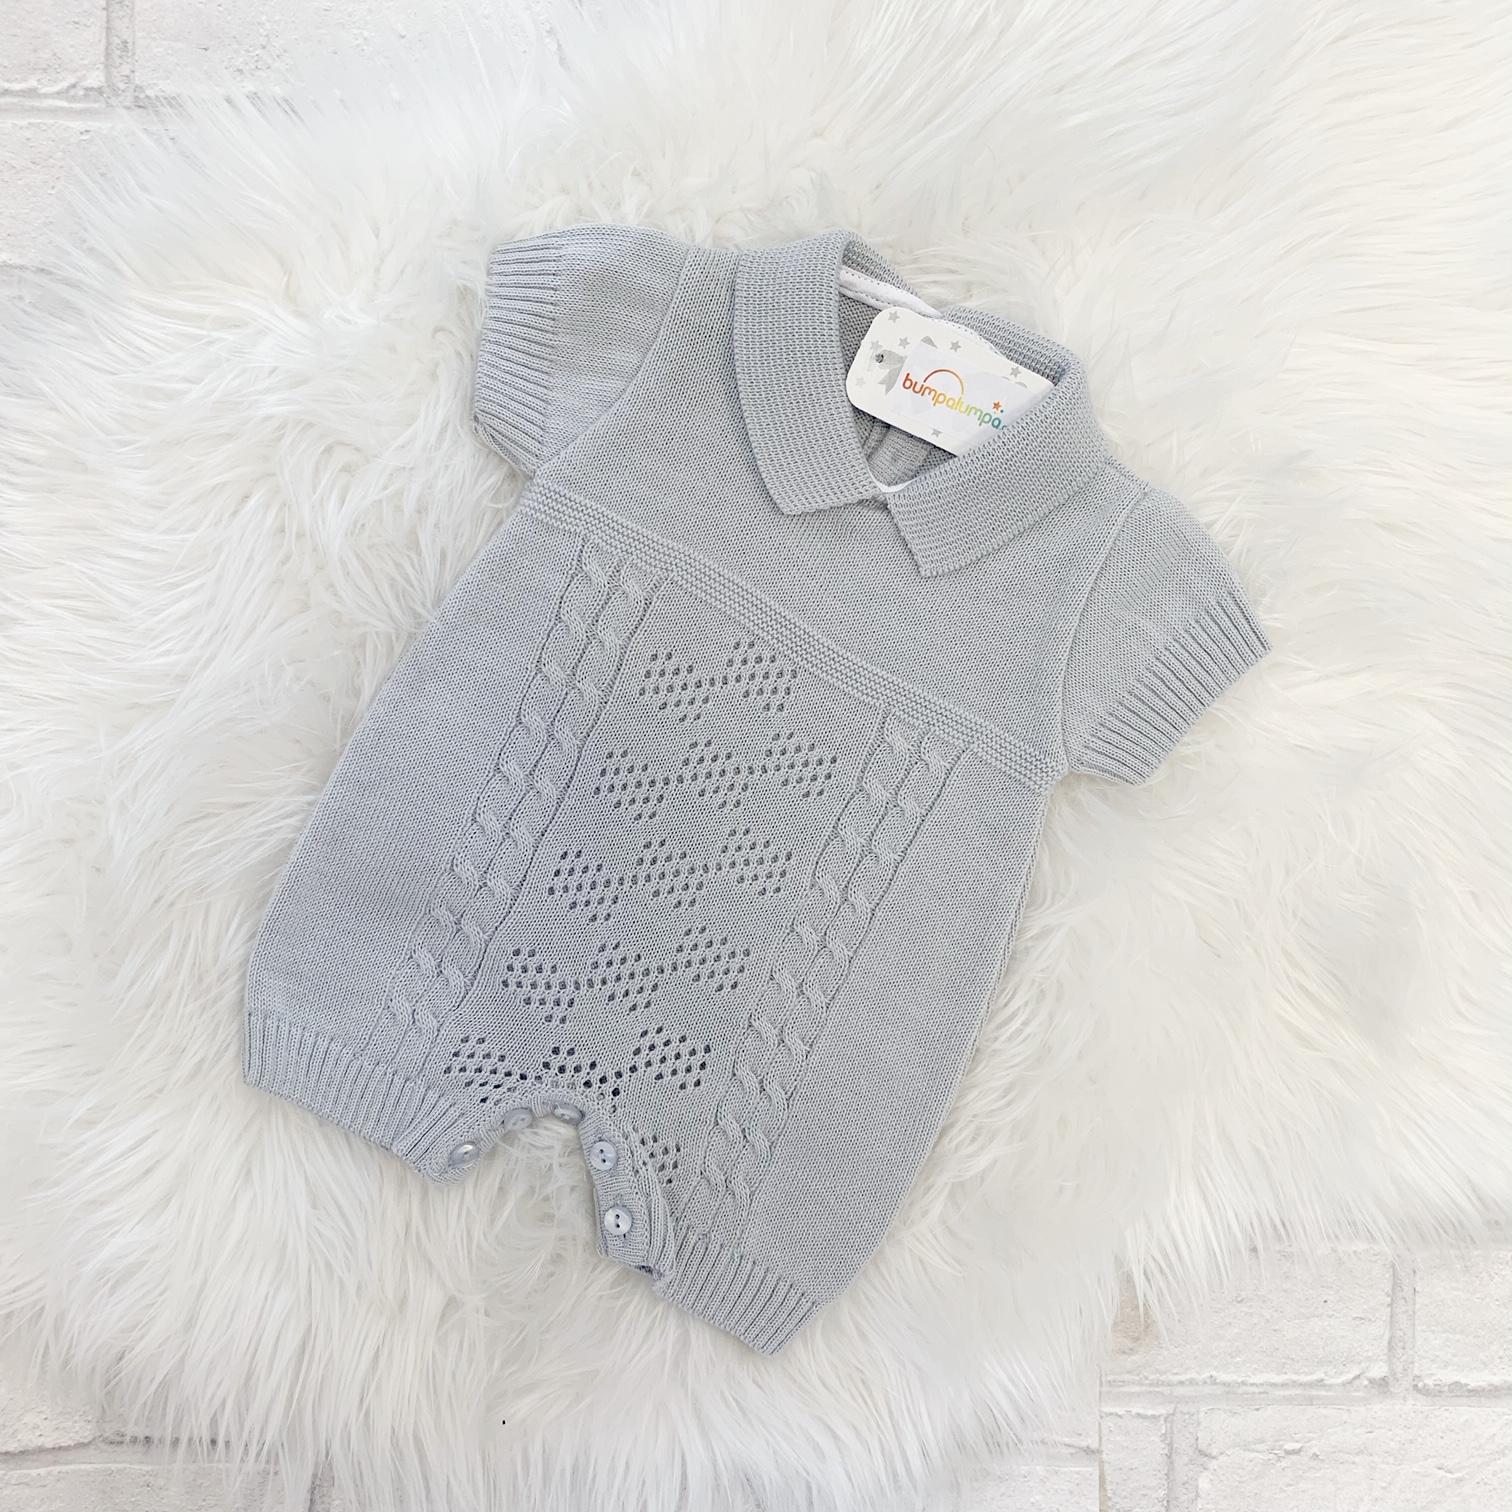 f31de9467 Grey Baby Romper Suit   Baby Boys Onesie   Bumpalumpa.com